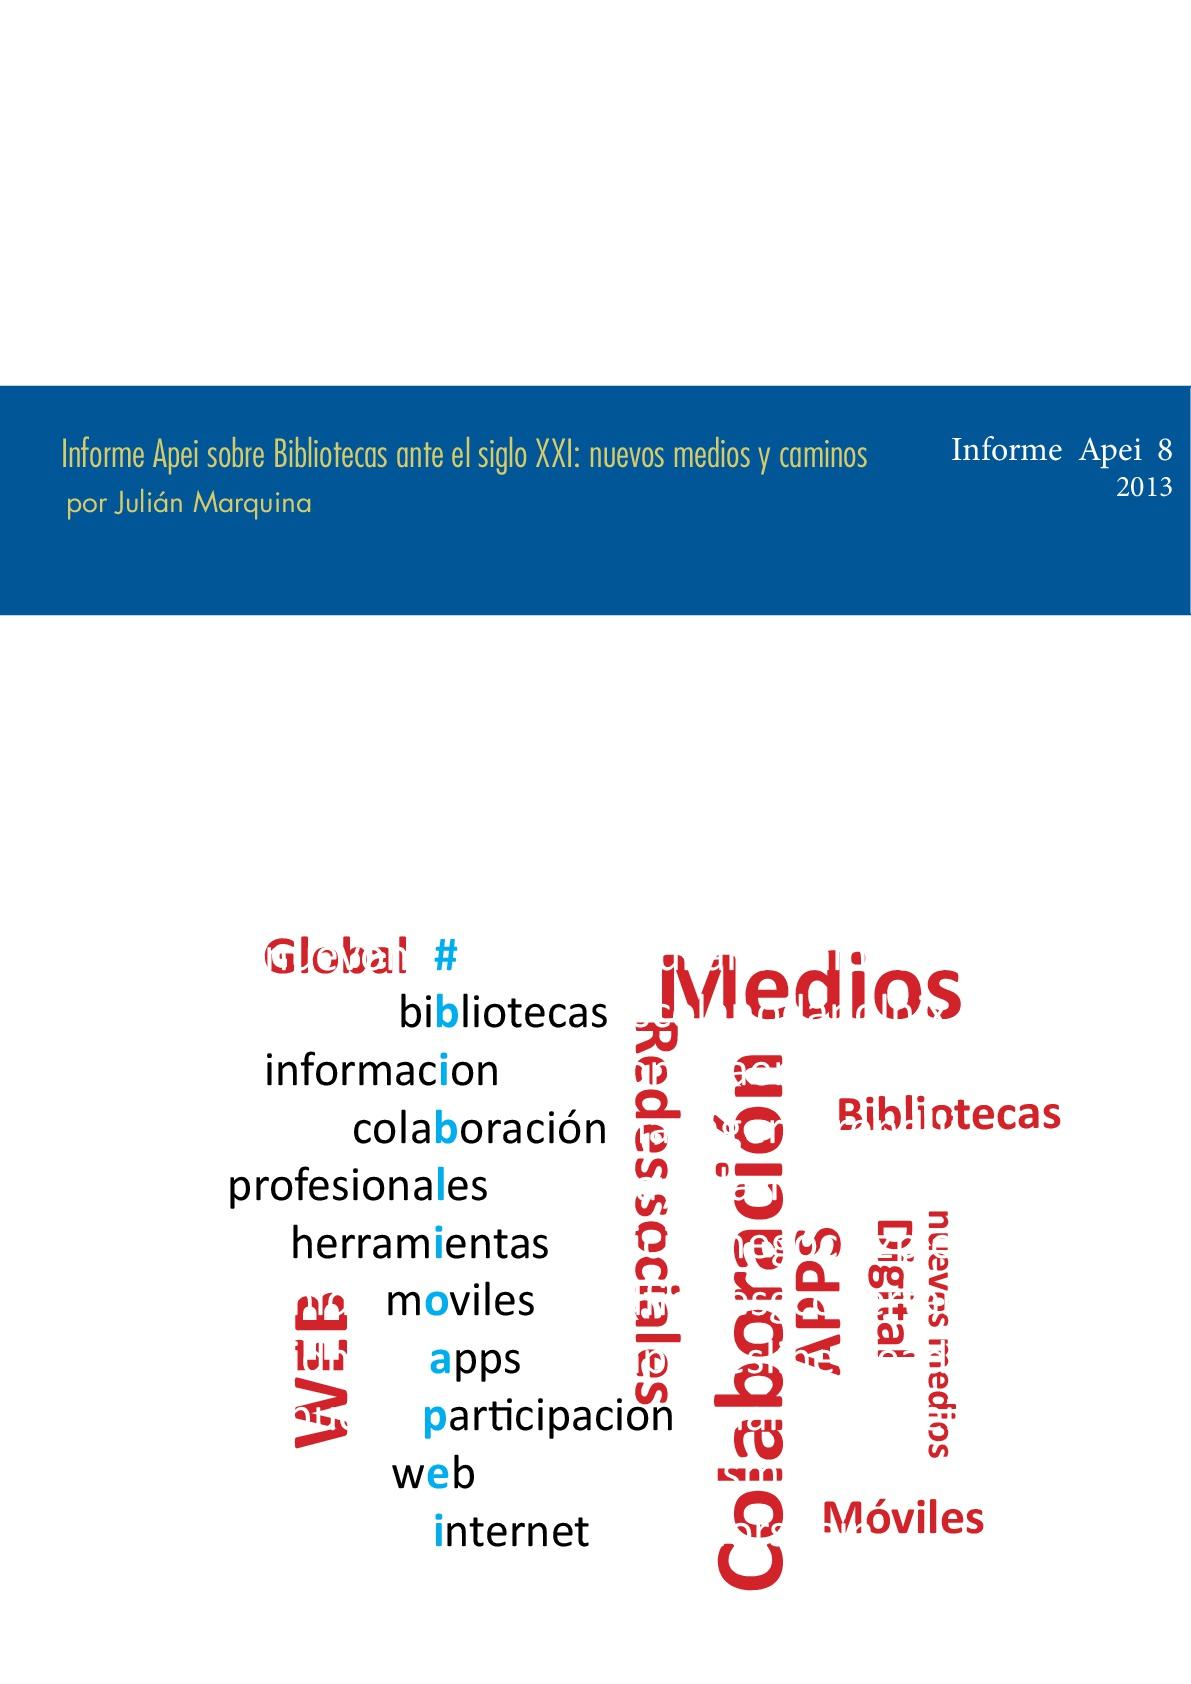 Informe APEI sobre Bibliotecas ante el siglo XXI: nuevos medios y caminos